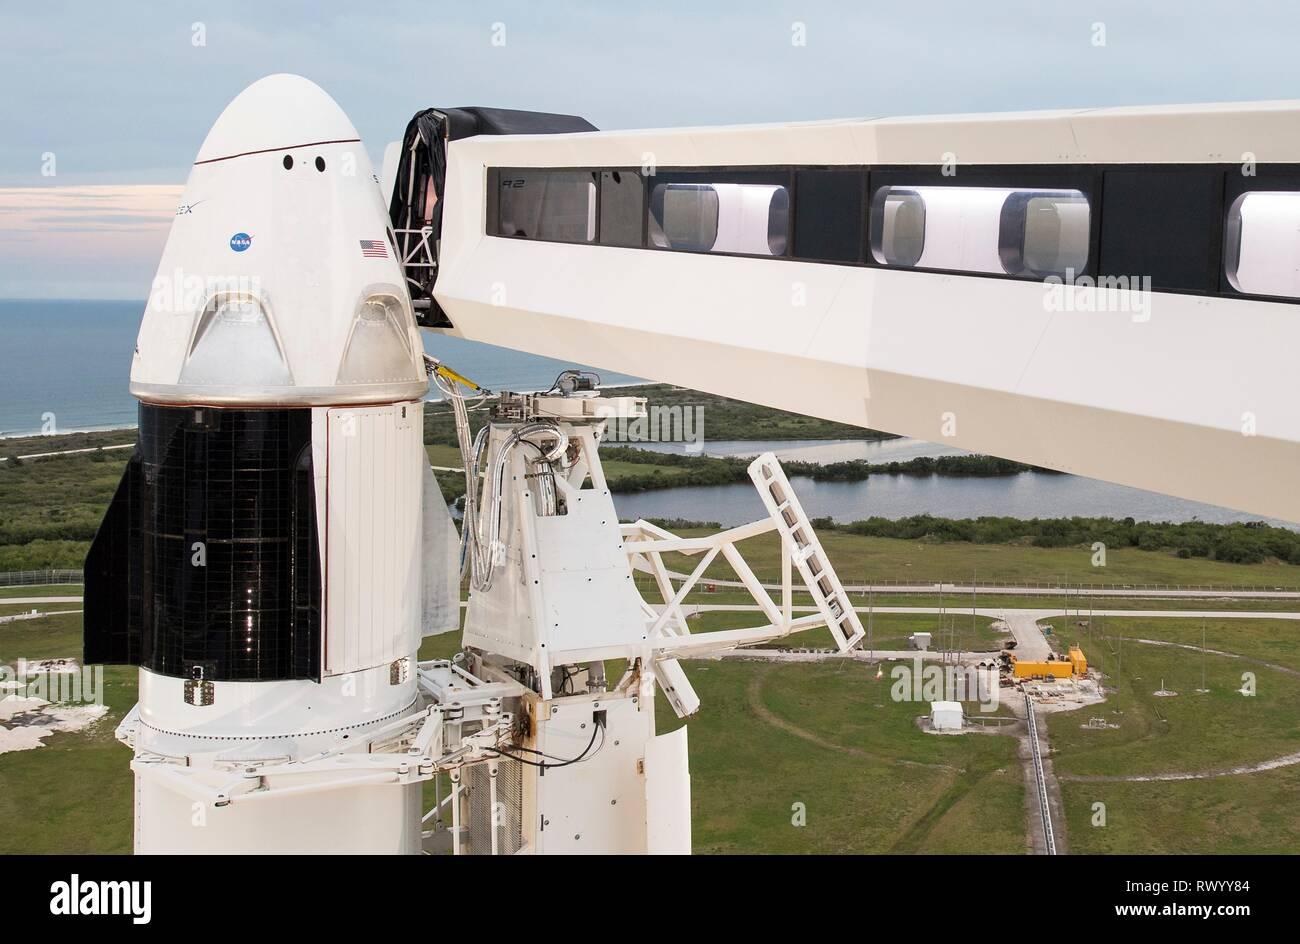 La tripulación SpaceX Dragon spacecraft en la cima del cohete Falcon 9 y la tripulación camino de acceso en la plataforma de lanzamiento del complejo de lanzamiento 39A listo el lanzamiento de la Demo-1 la misión en el Centro Espacial Kennedy el 1 de marzo de 2019 en Cabo Cañaveral, Florida. Imagen De Stock